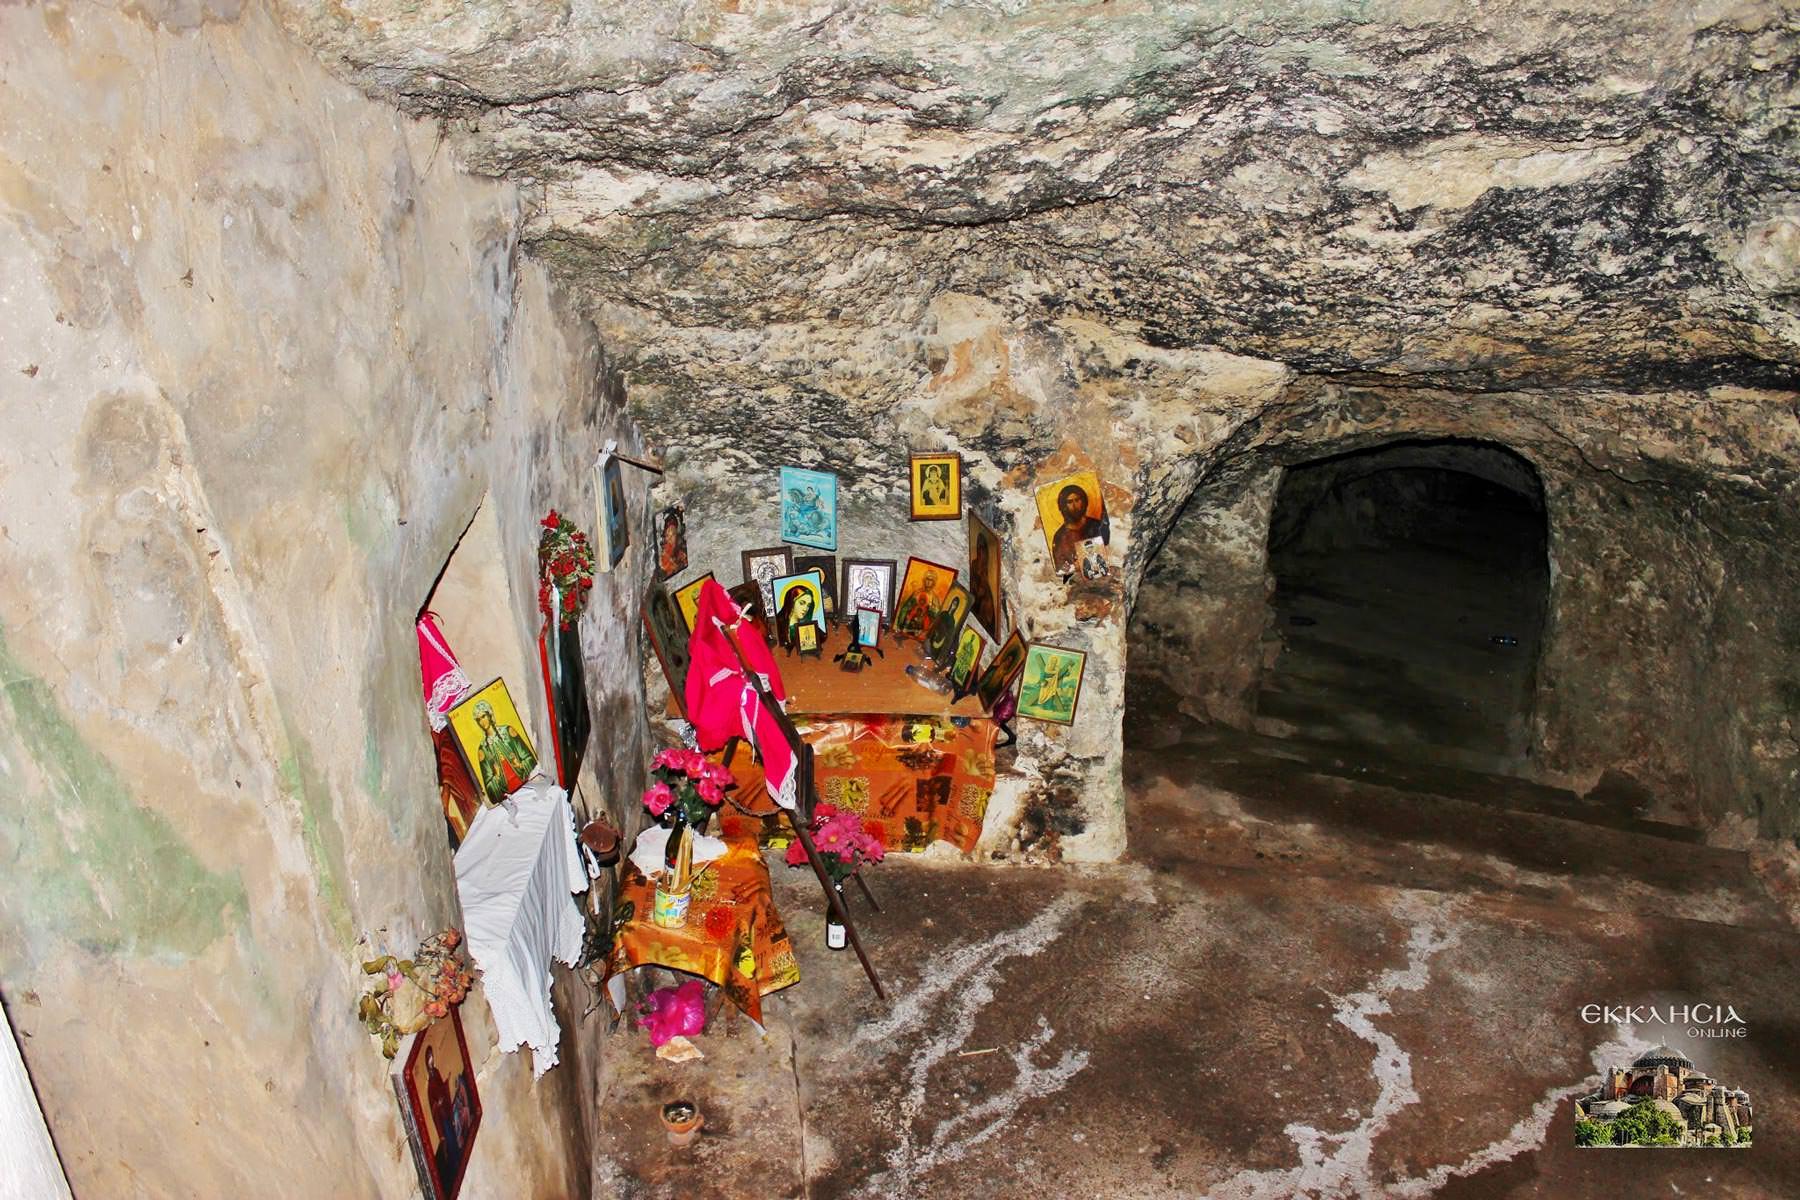 σπήλαιο και τάφος της Αγίας Φωτεινής